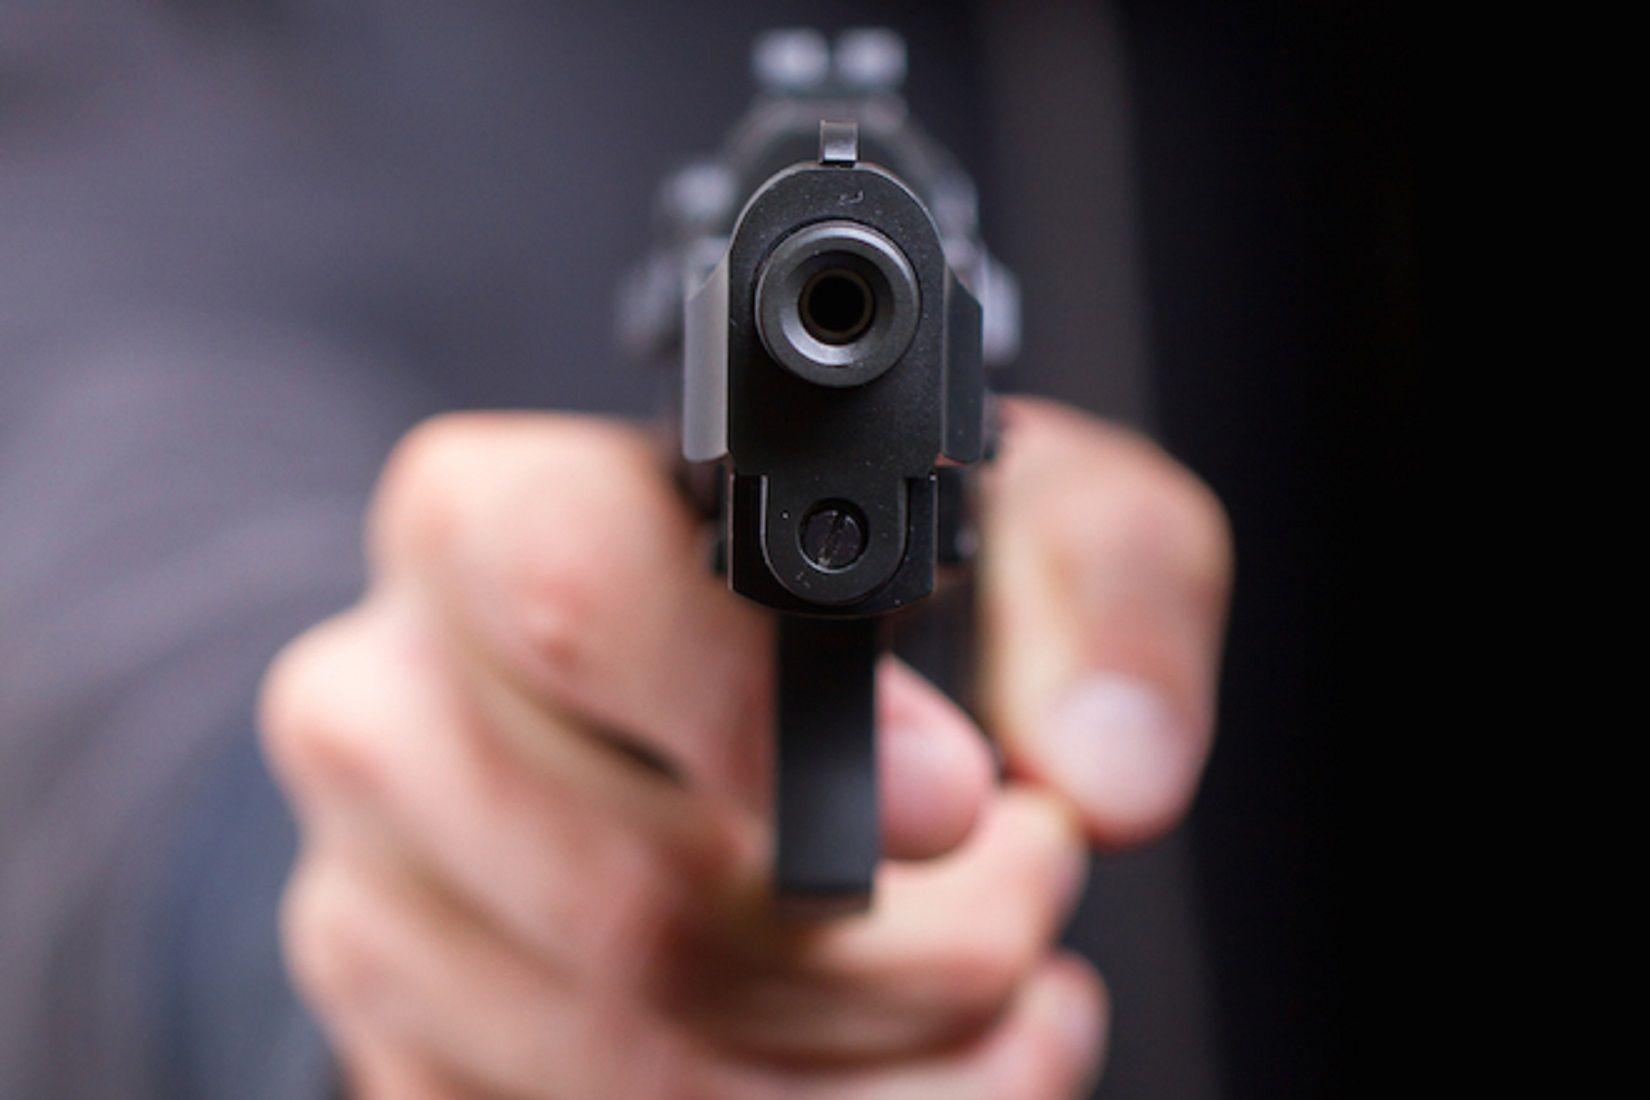 Lo confundió con un ladrón y le disparó